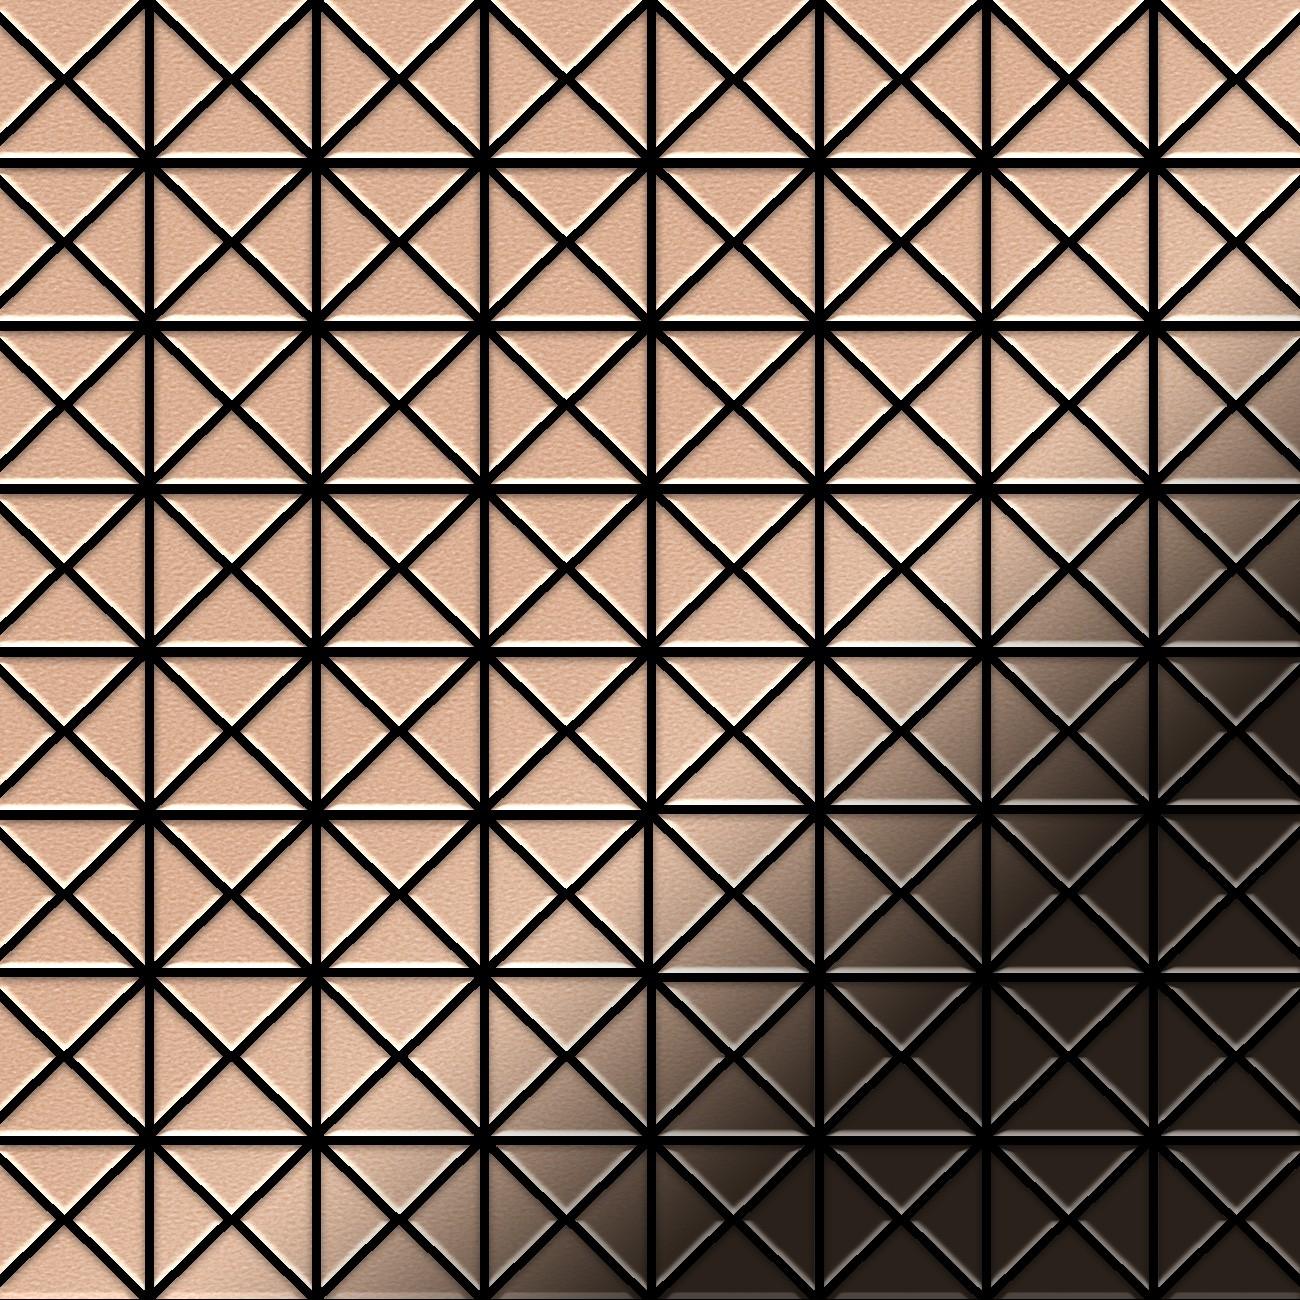 Carrelage mosaique cuivre